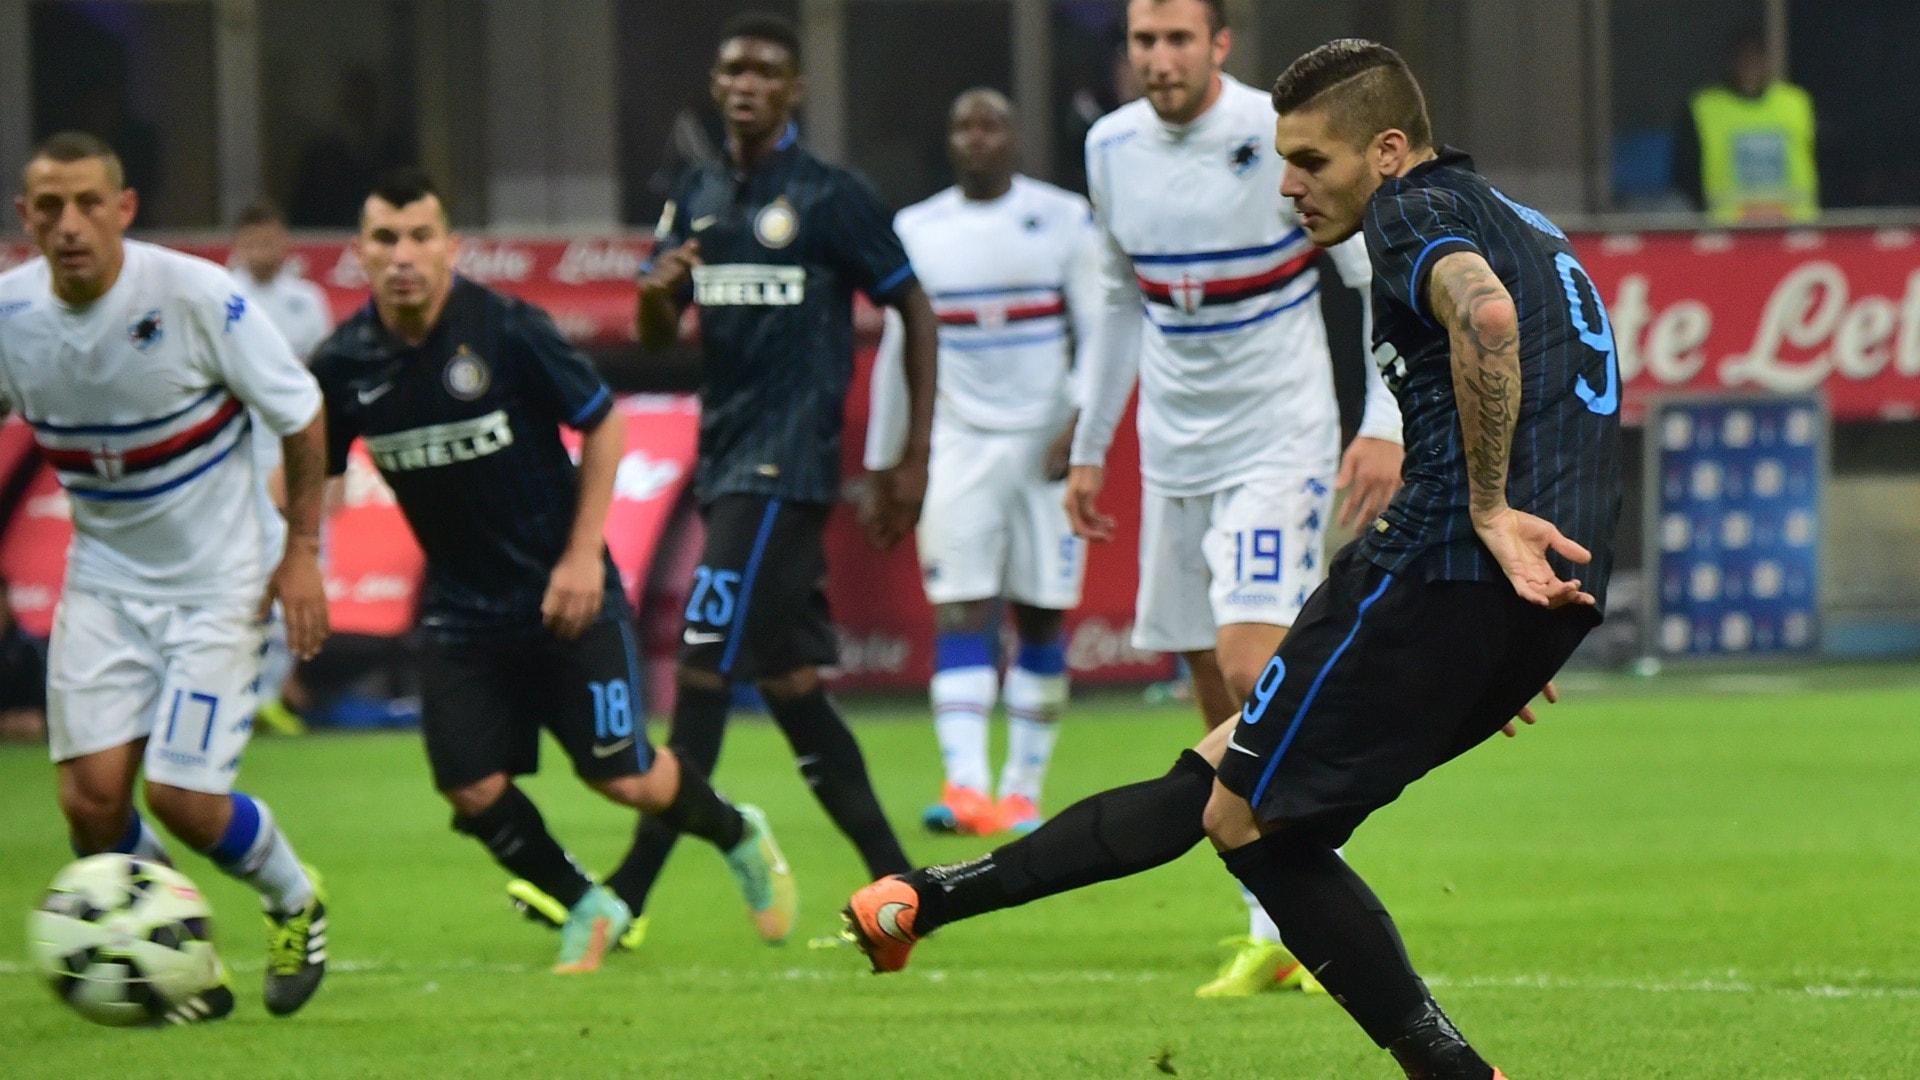 İnter Sampdoria Maçı